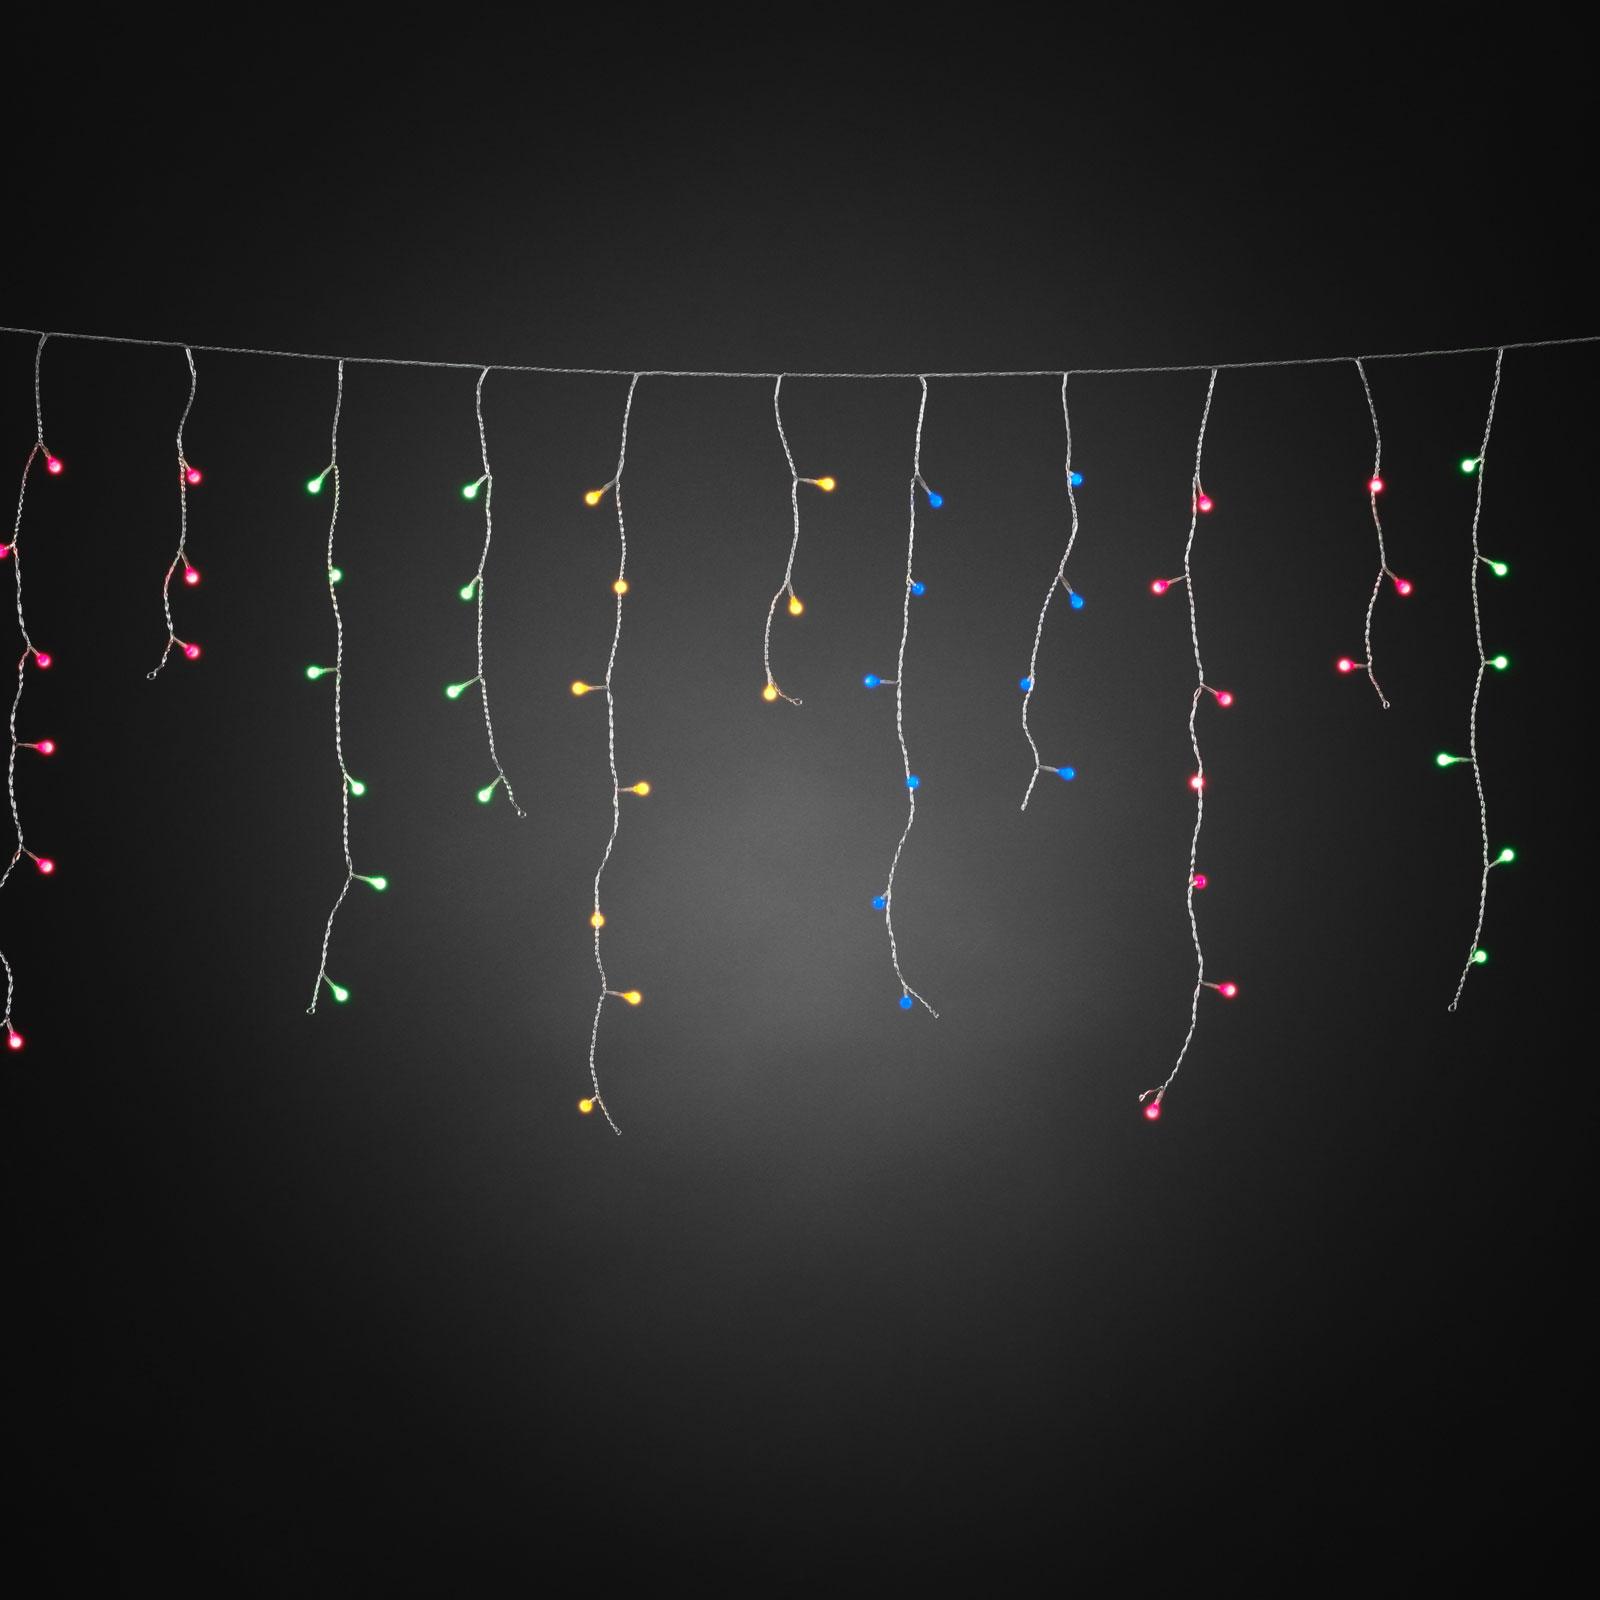 Kurtyna świetlna LED lodowy deszcz , kolorowe kule